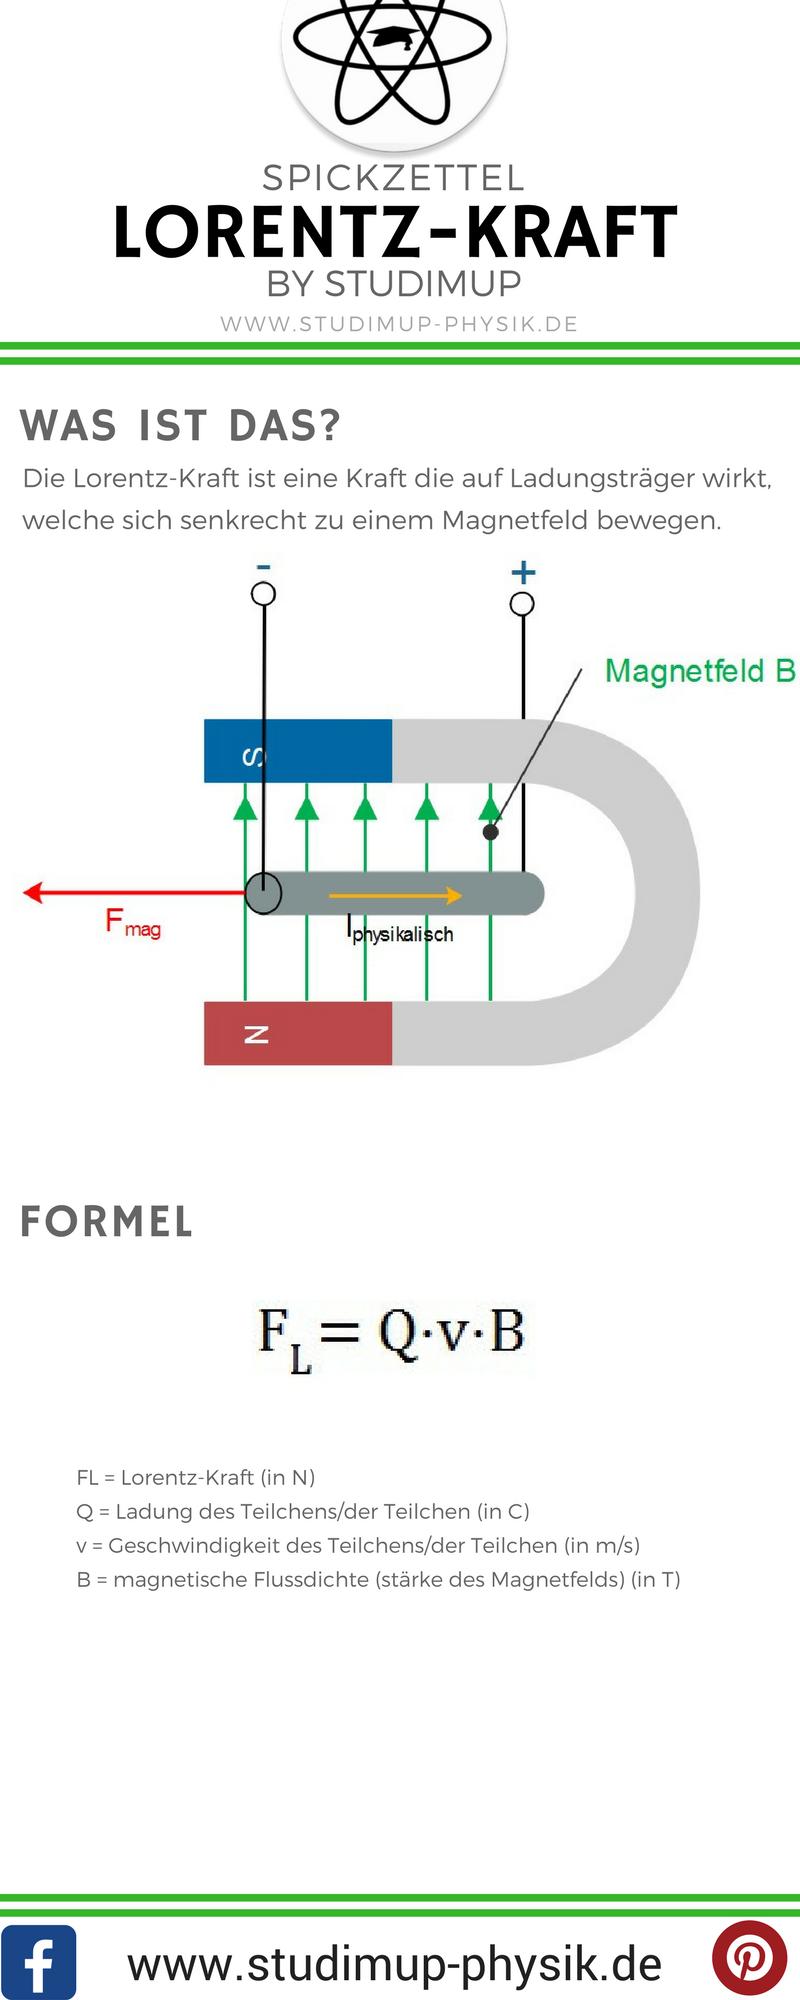 Spickzettel zur Lorentz-Kraft mit Formel. Physik einfach lernen mit ...